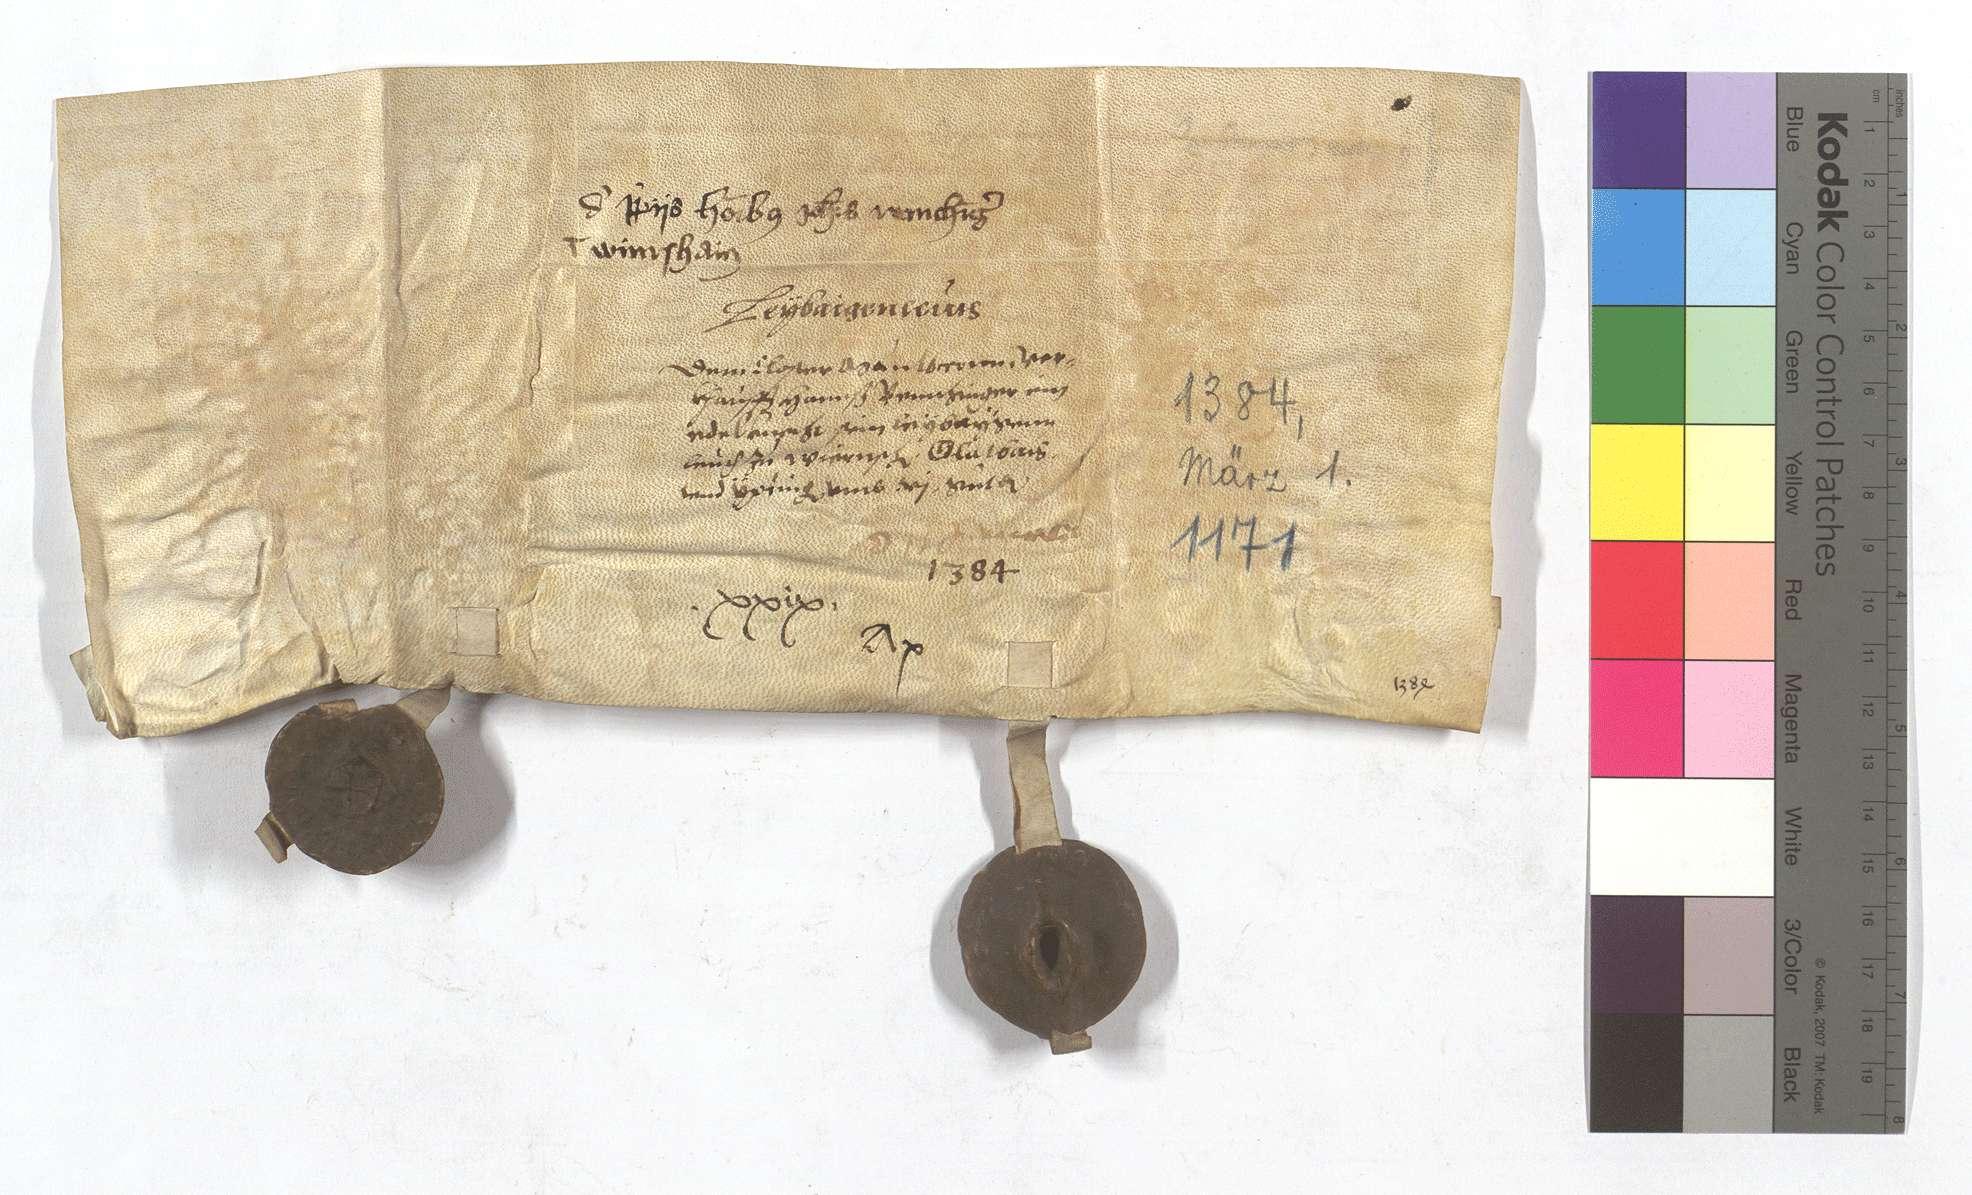 Fertigung Hans Remchingers um seine Leibeigenen in Wiernsheim, Glattbach (Glatbach) und Iptingen., Rückseite